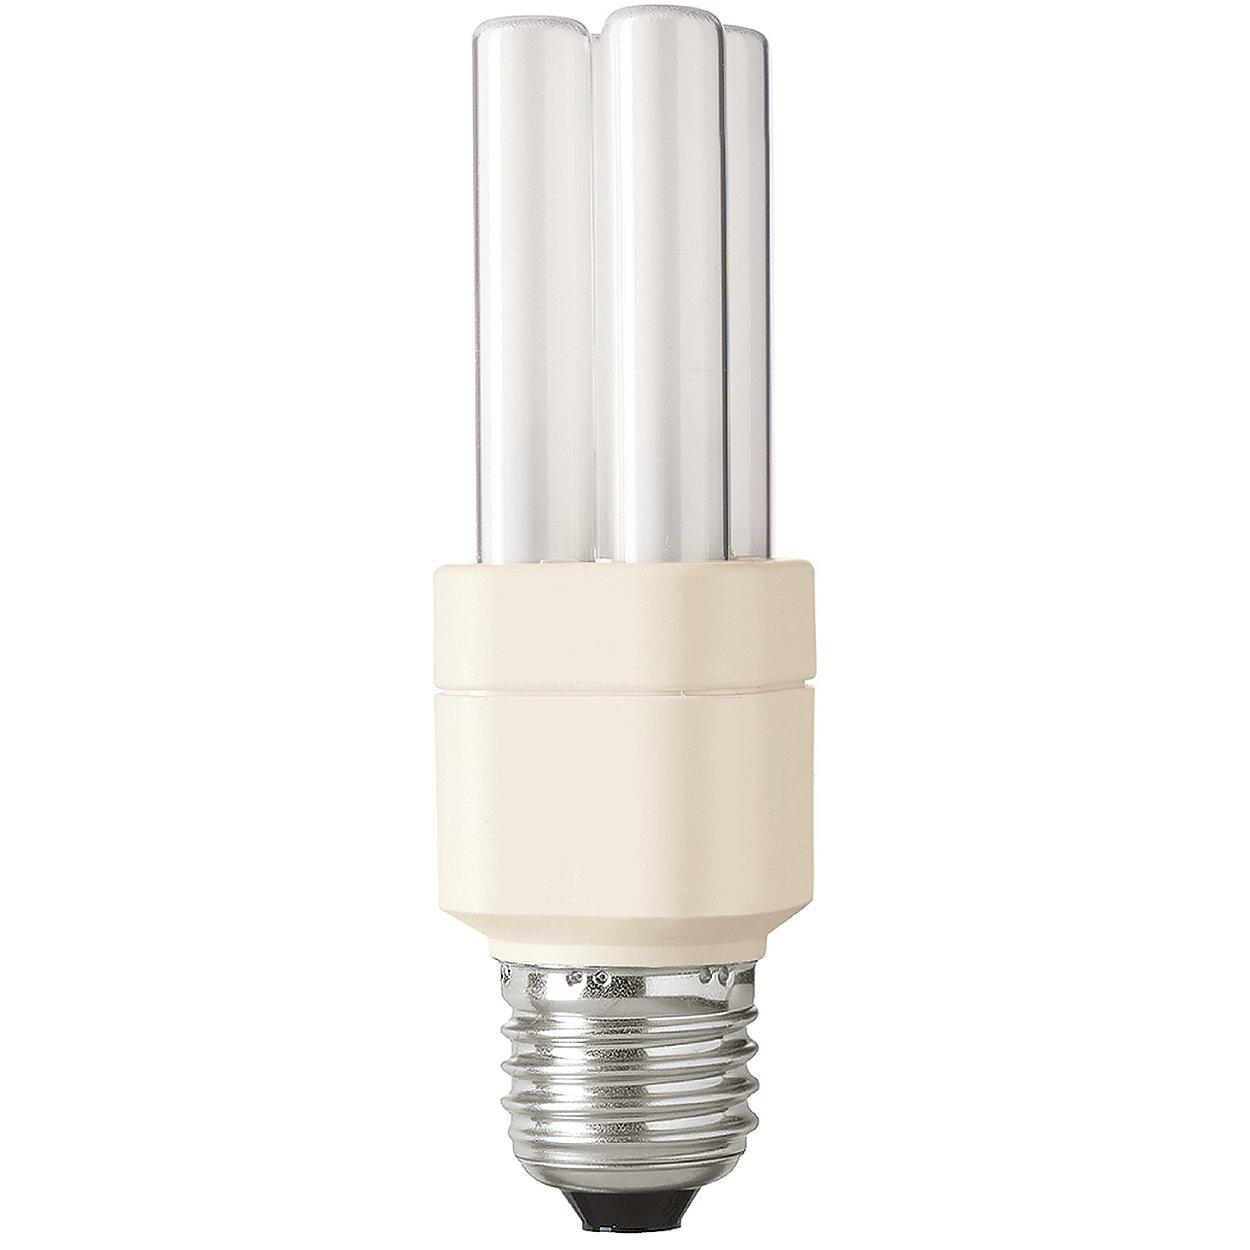 A világítástechnika professzionális, energiatakarékos megközelítése